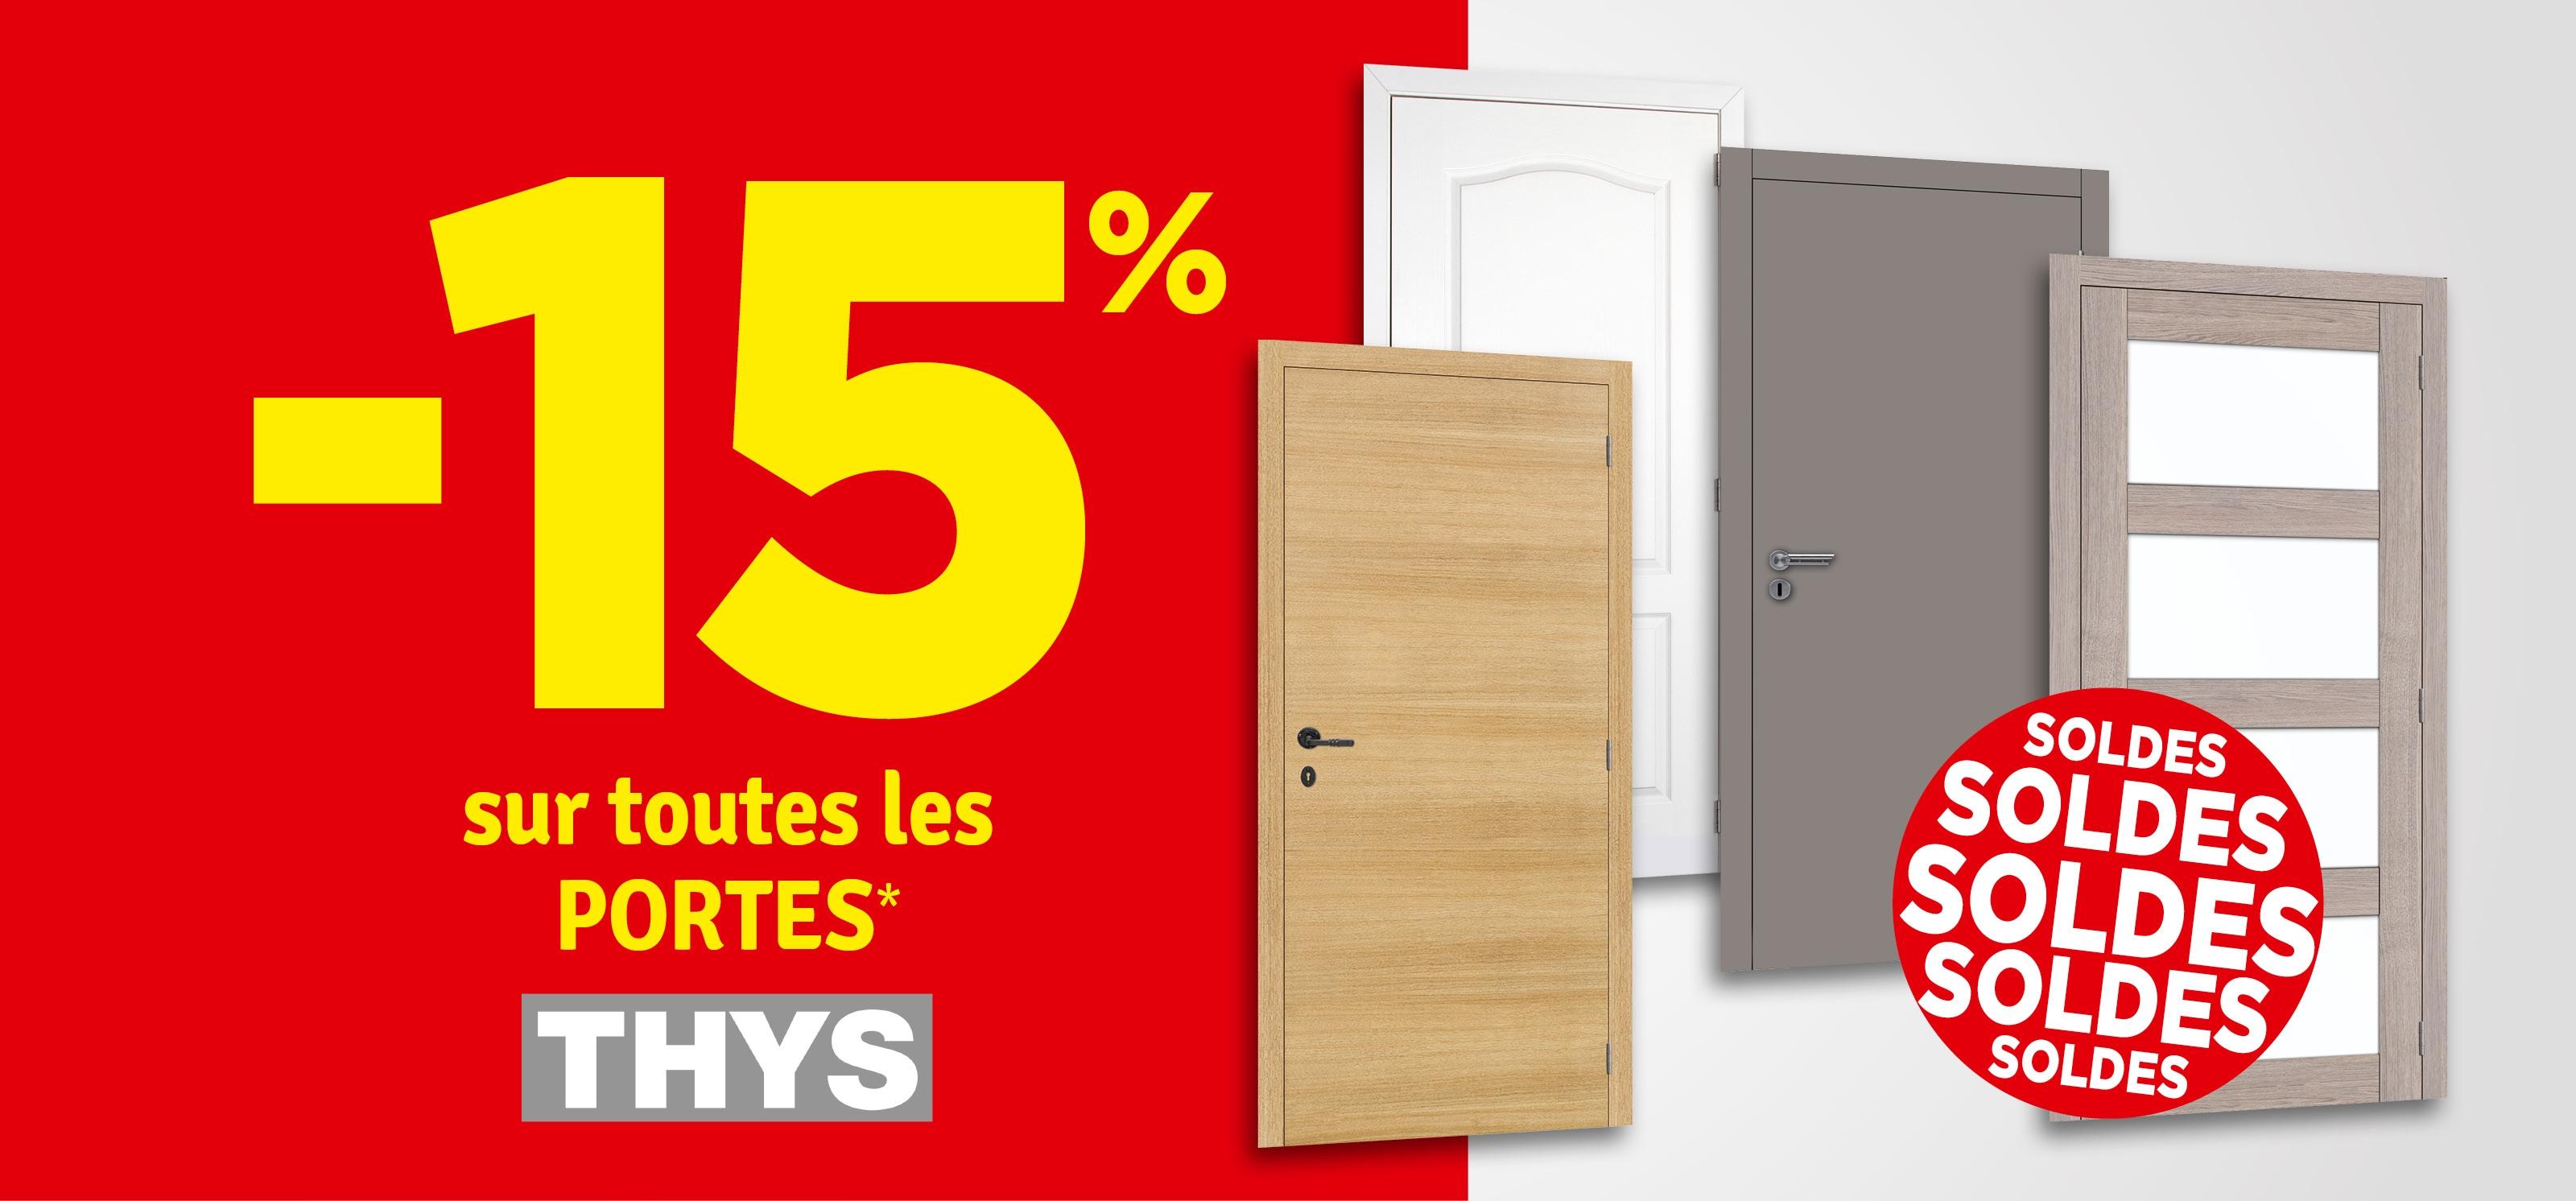 Promo - 15% sur les portes Thys